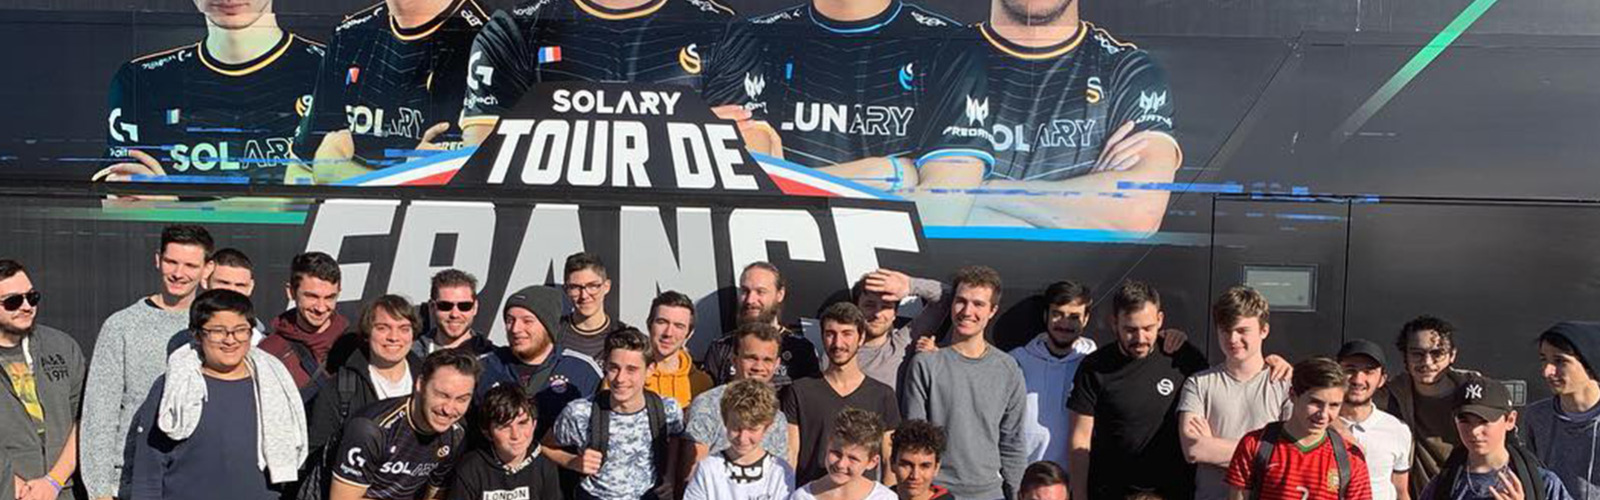 SOLARY FAIT LE TOUR DE FRANCE EN BUS !